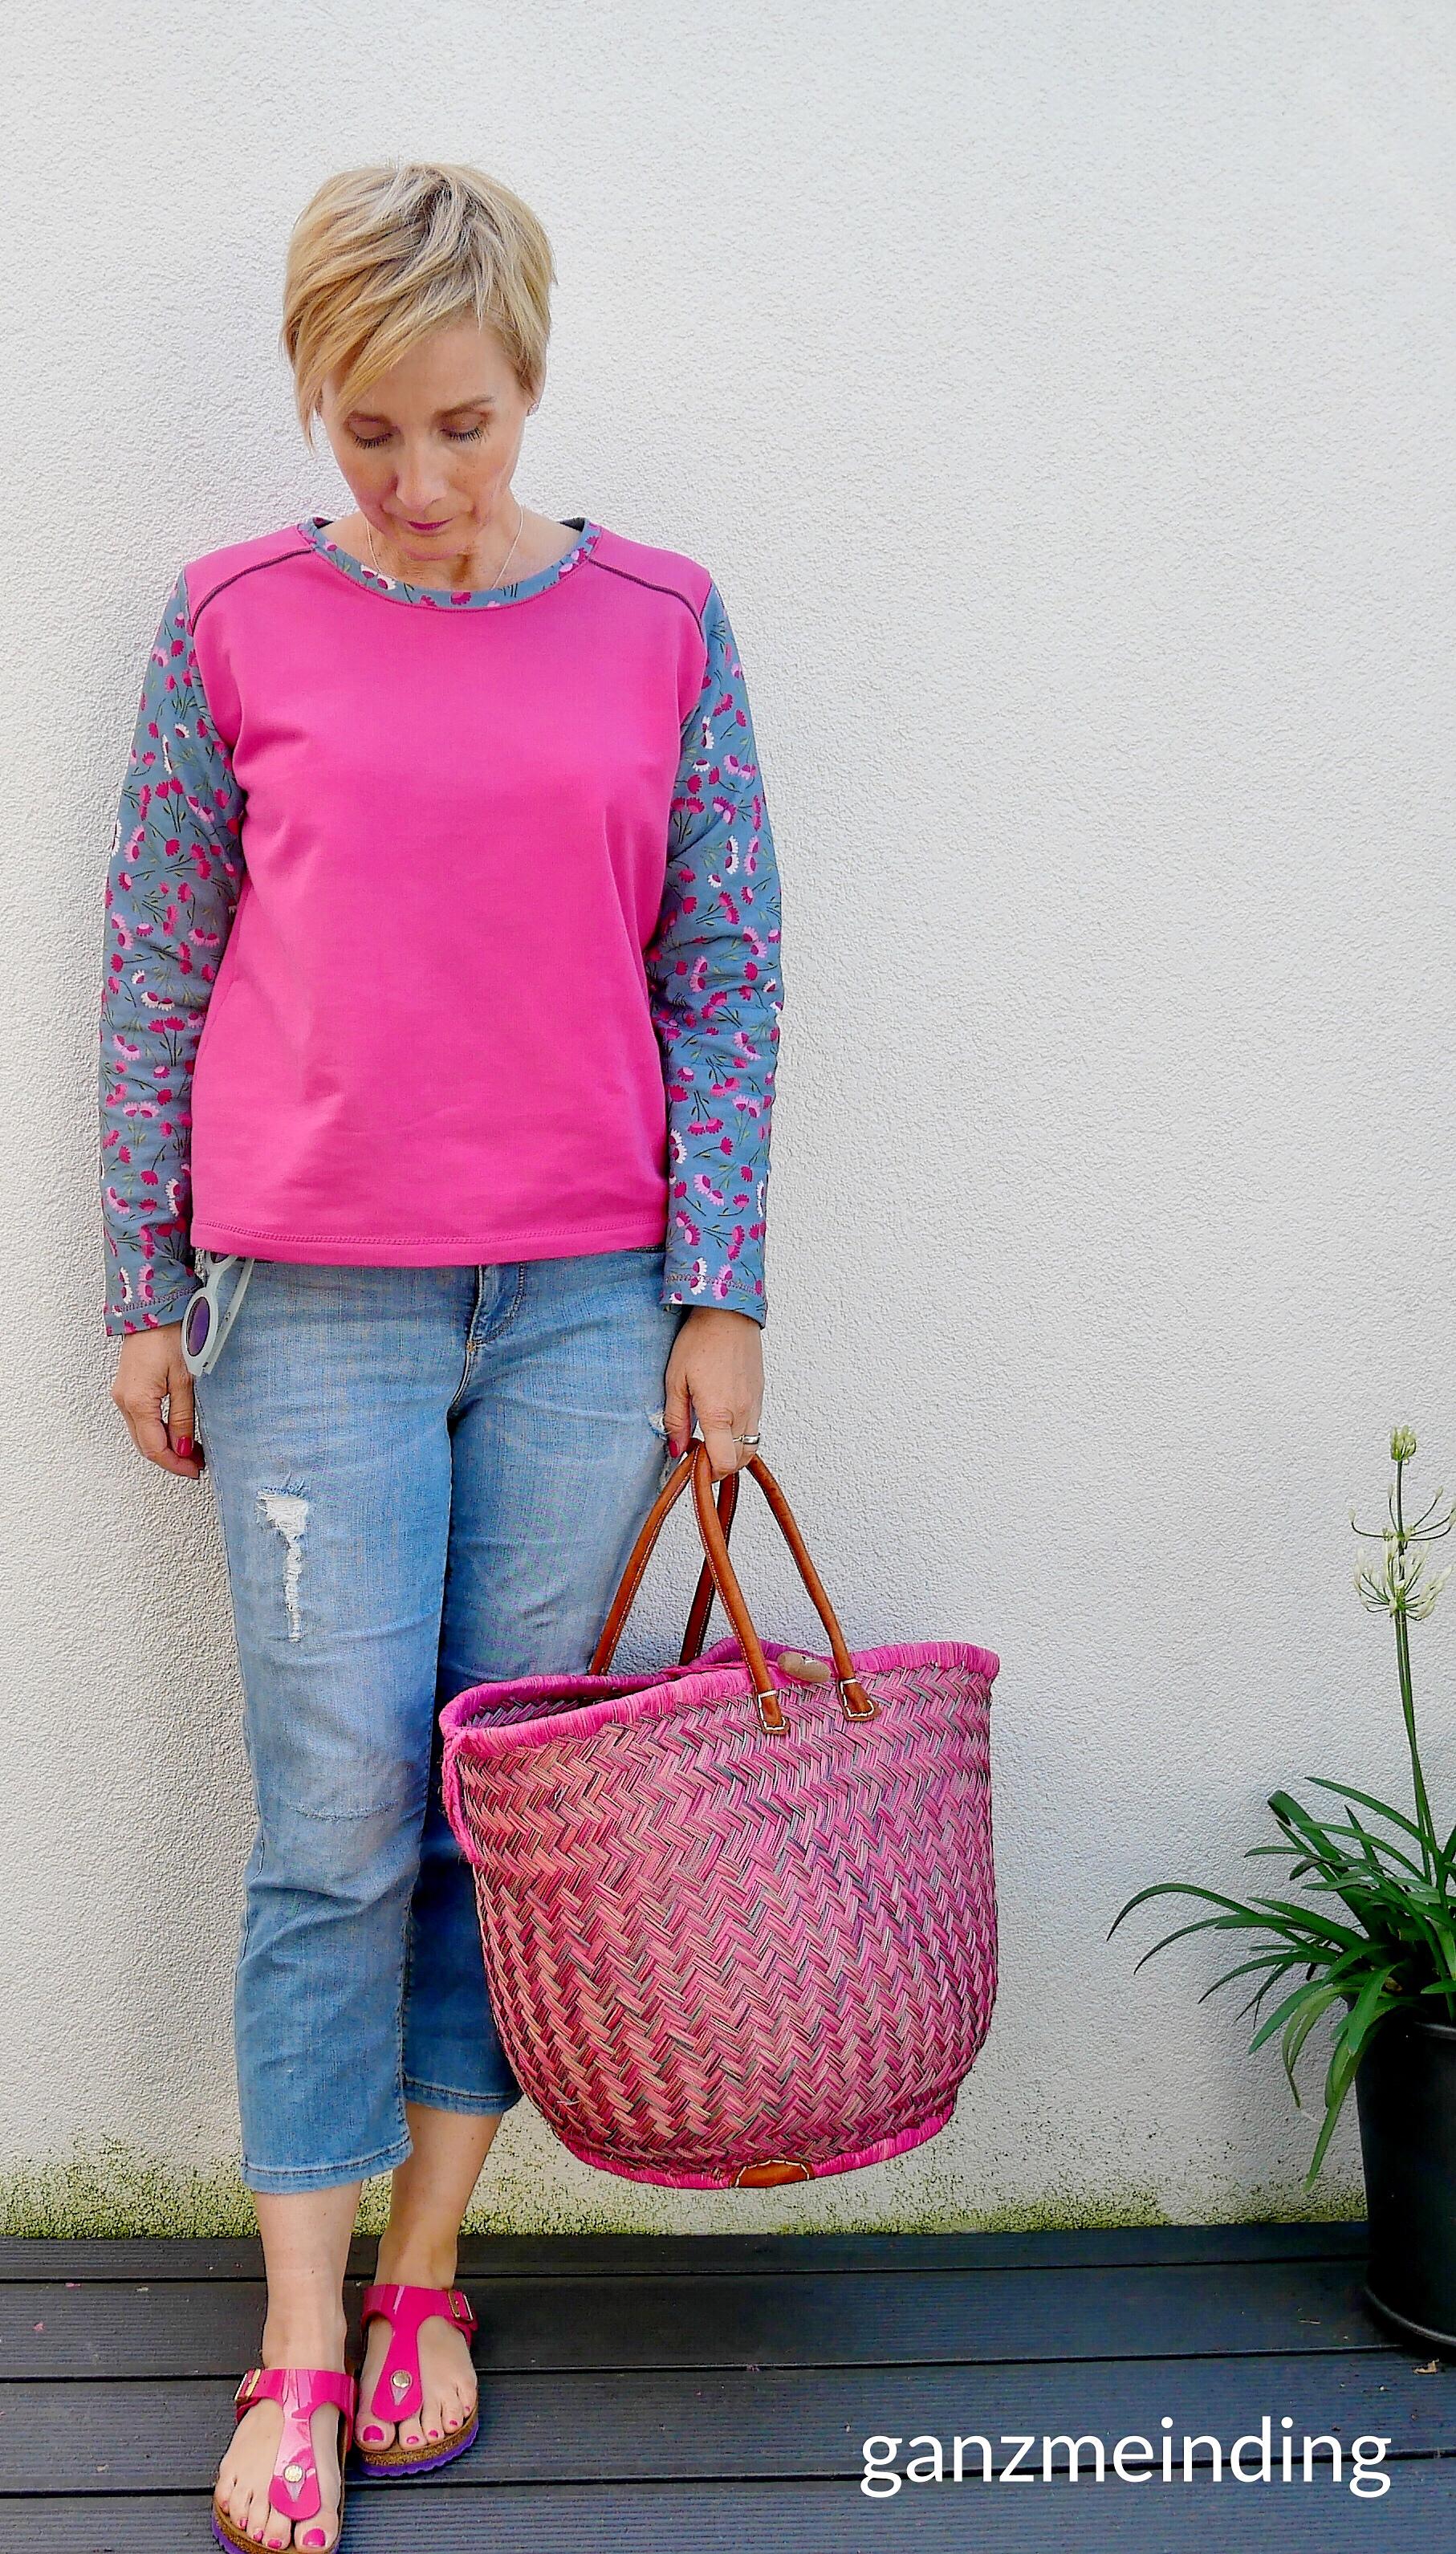 Frau Lene, Hedi näht, genäht von ganzmeinding 05